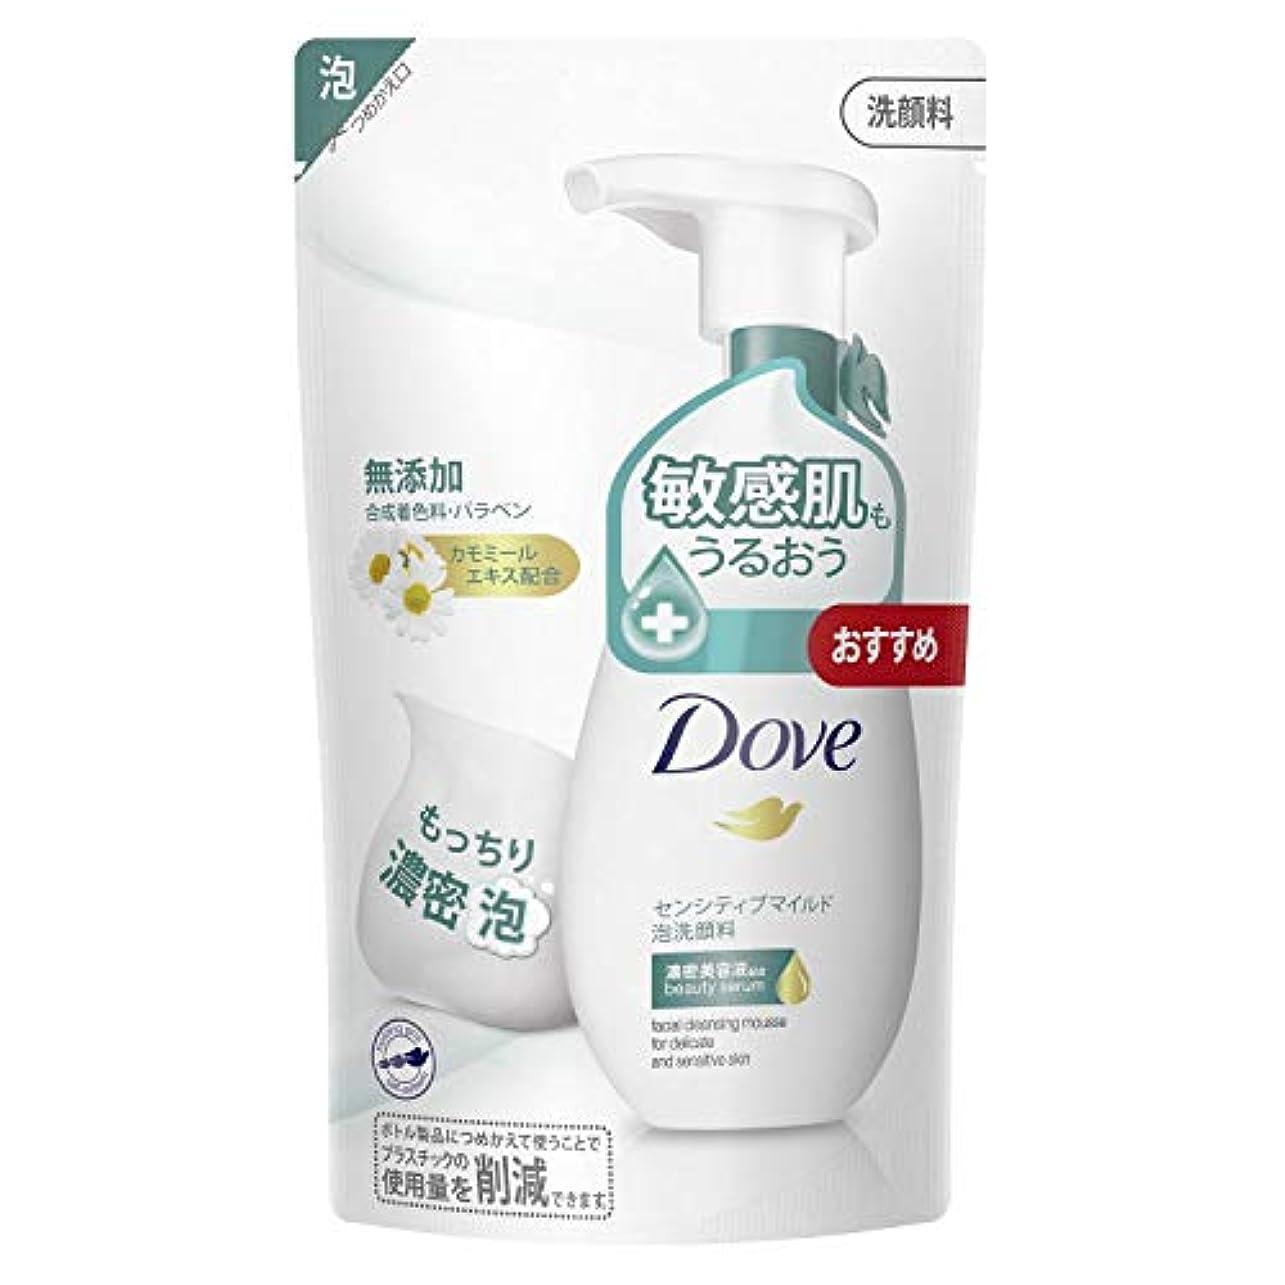 消費ヤギ昇進ダヴ センシティブマイルド クリーミー泡洗顔料 つめかえ用 敏感肌用 140mL